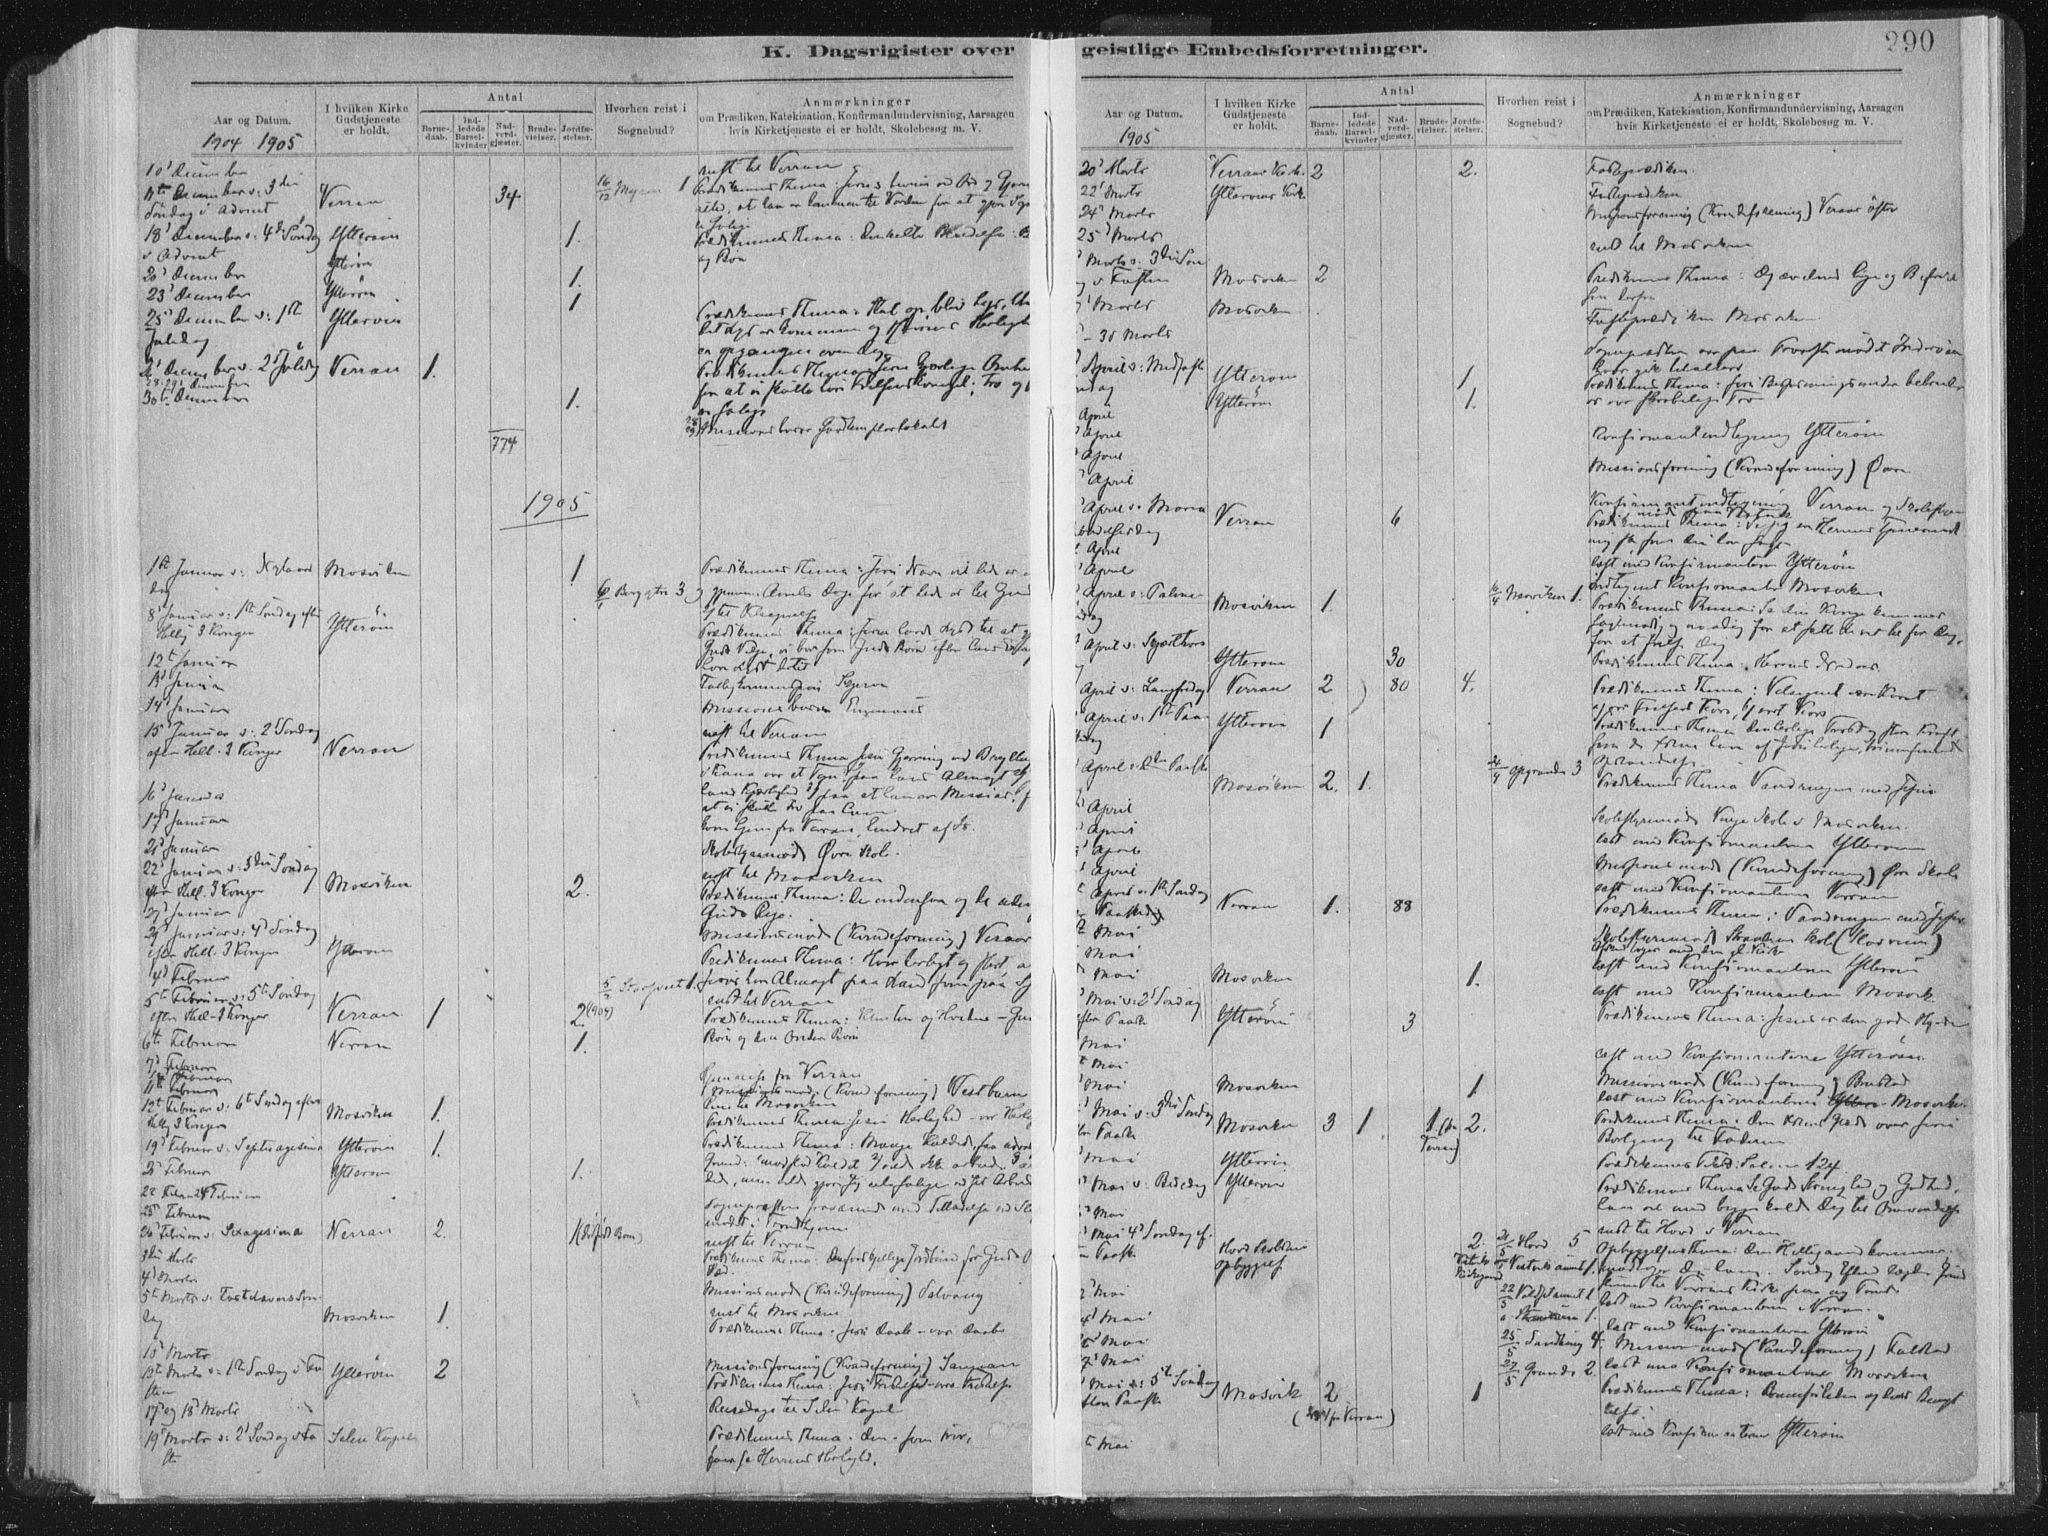 SAT, Ministerialprotokoller, klokkerbøker og fødselsregistre - Nord-Trøndelag, 722/L0220: Ministerialbok nr. 722A07, 1881-1908, s. 290